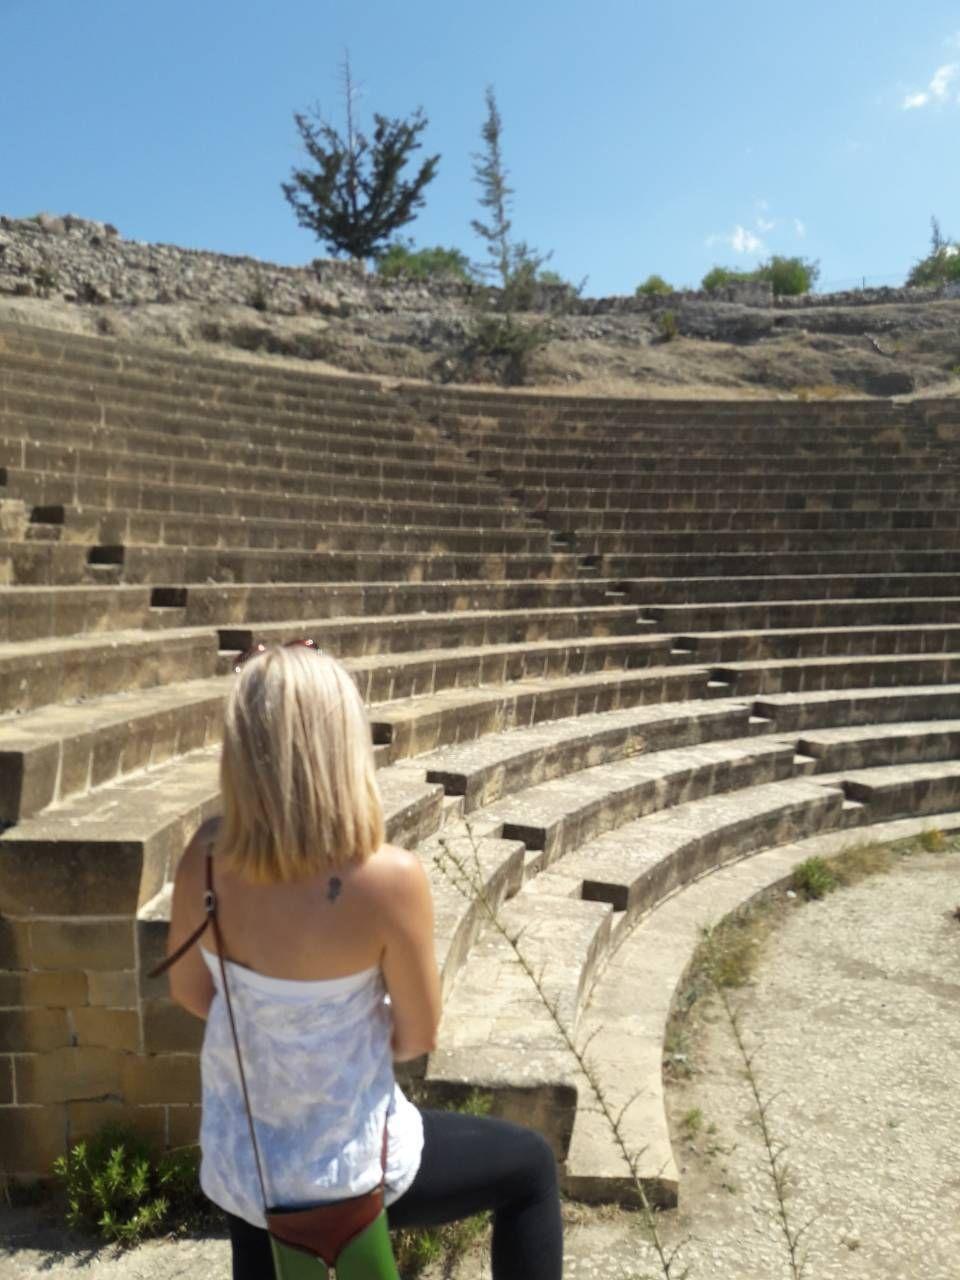 Αμφιθέατρο στο αρχαίο βασίλειο των